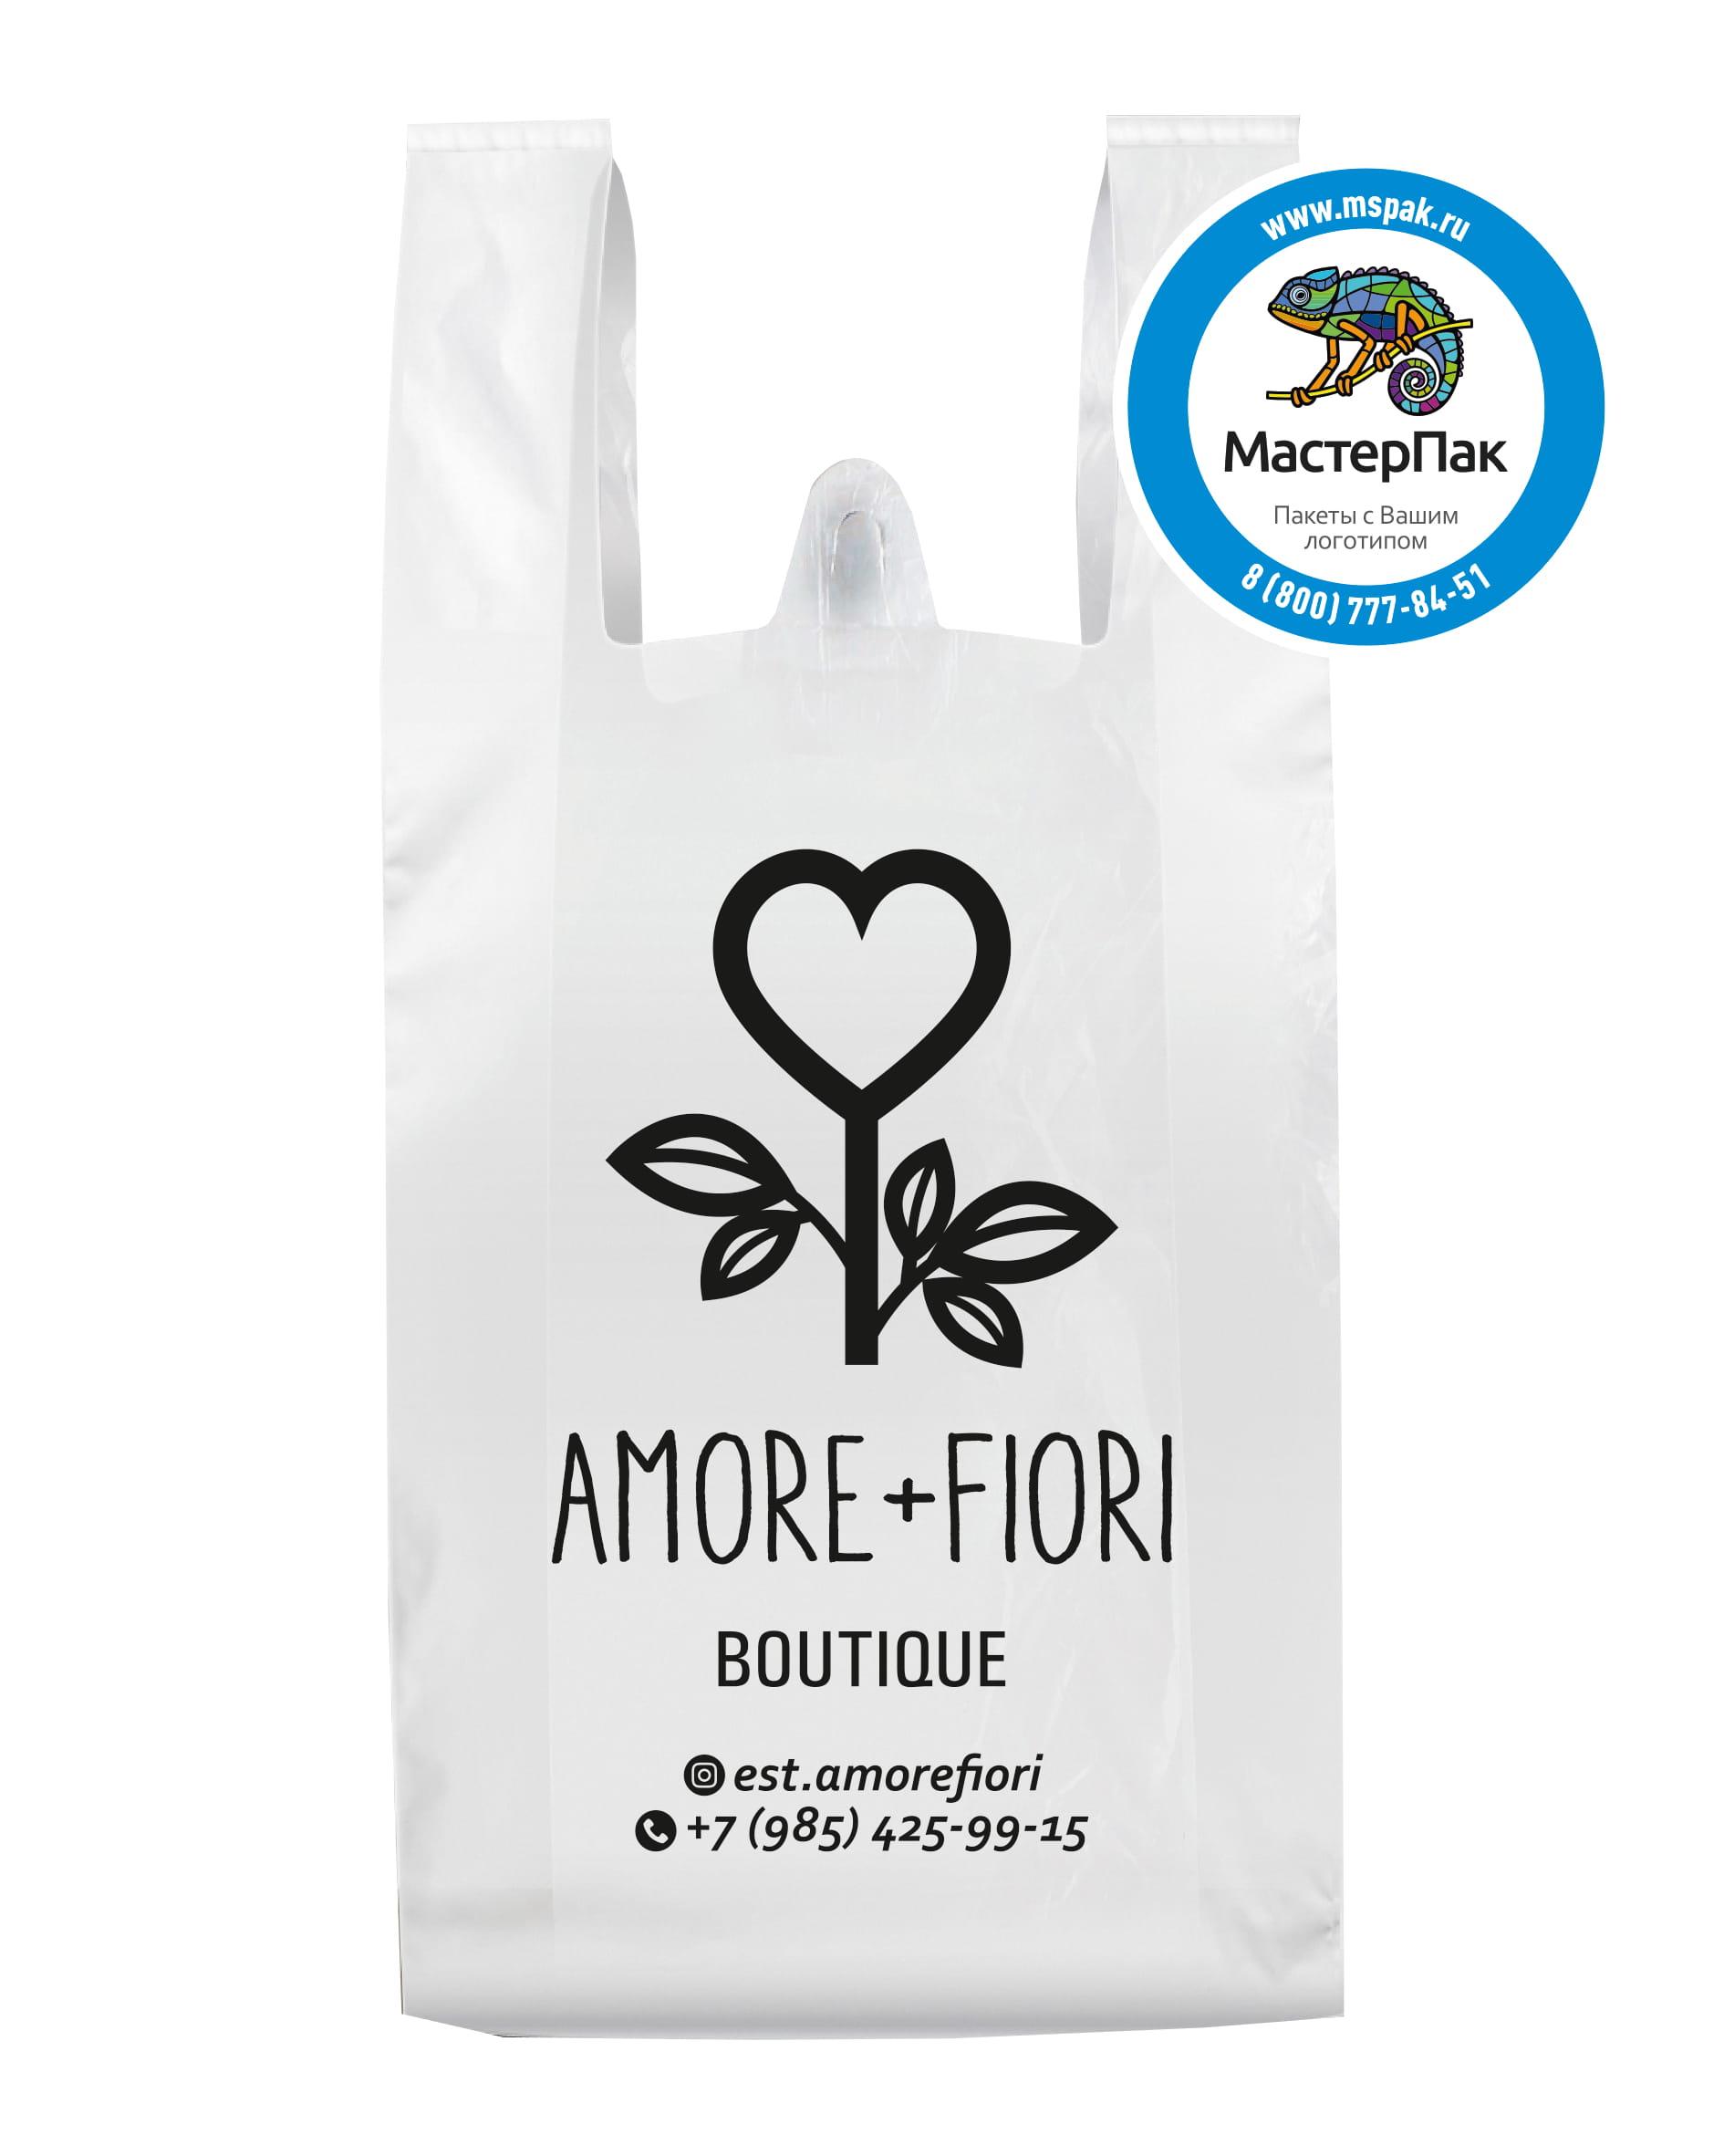 Пакет-майка ПНД с логотипом Amore+Fiore, Оренбург, 40*60, 26 мкм